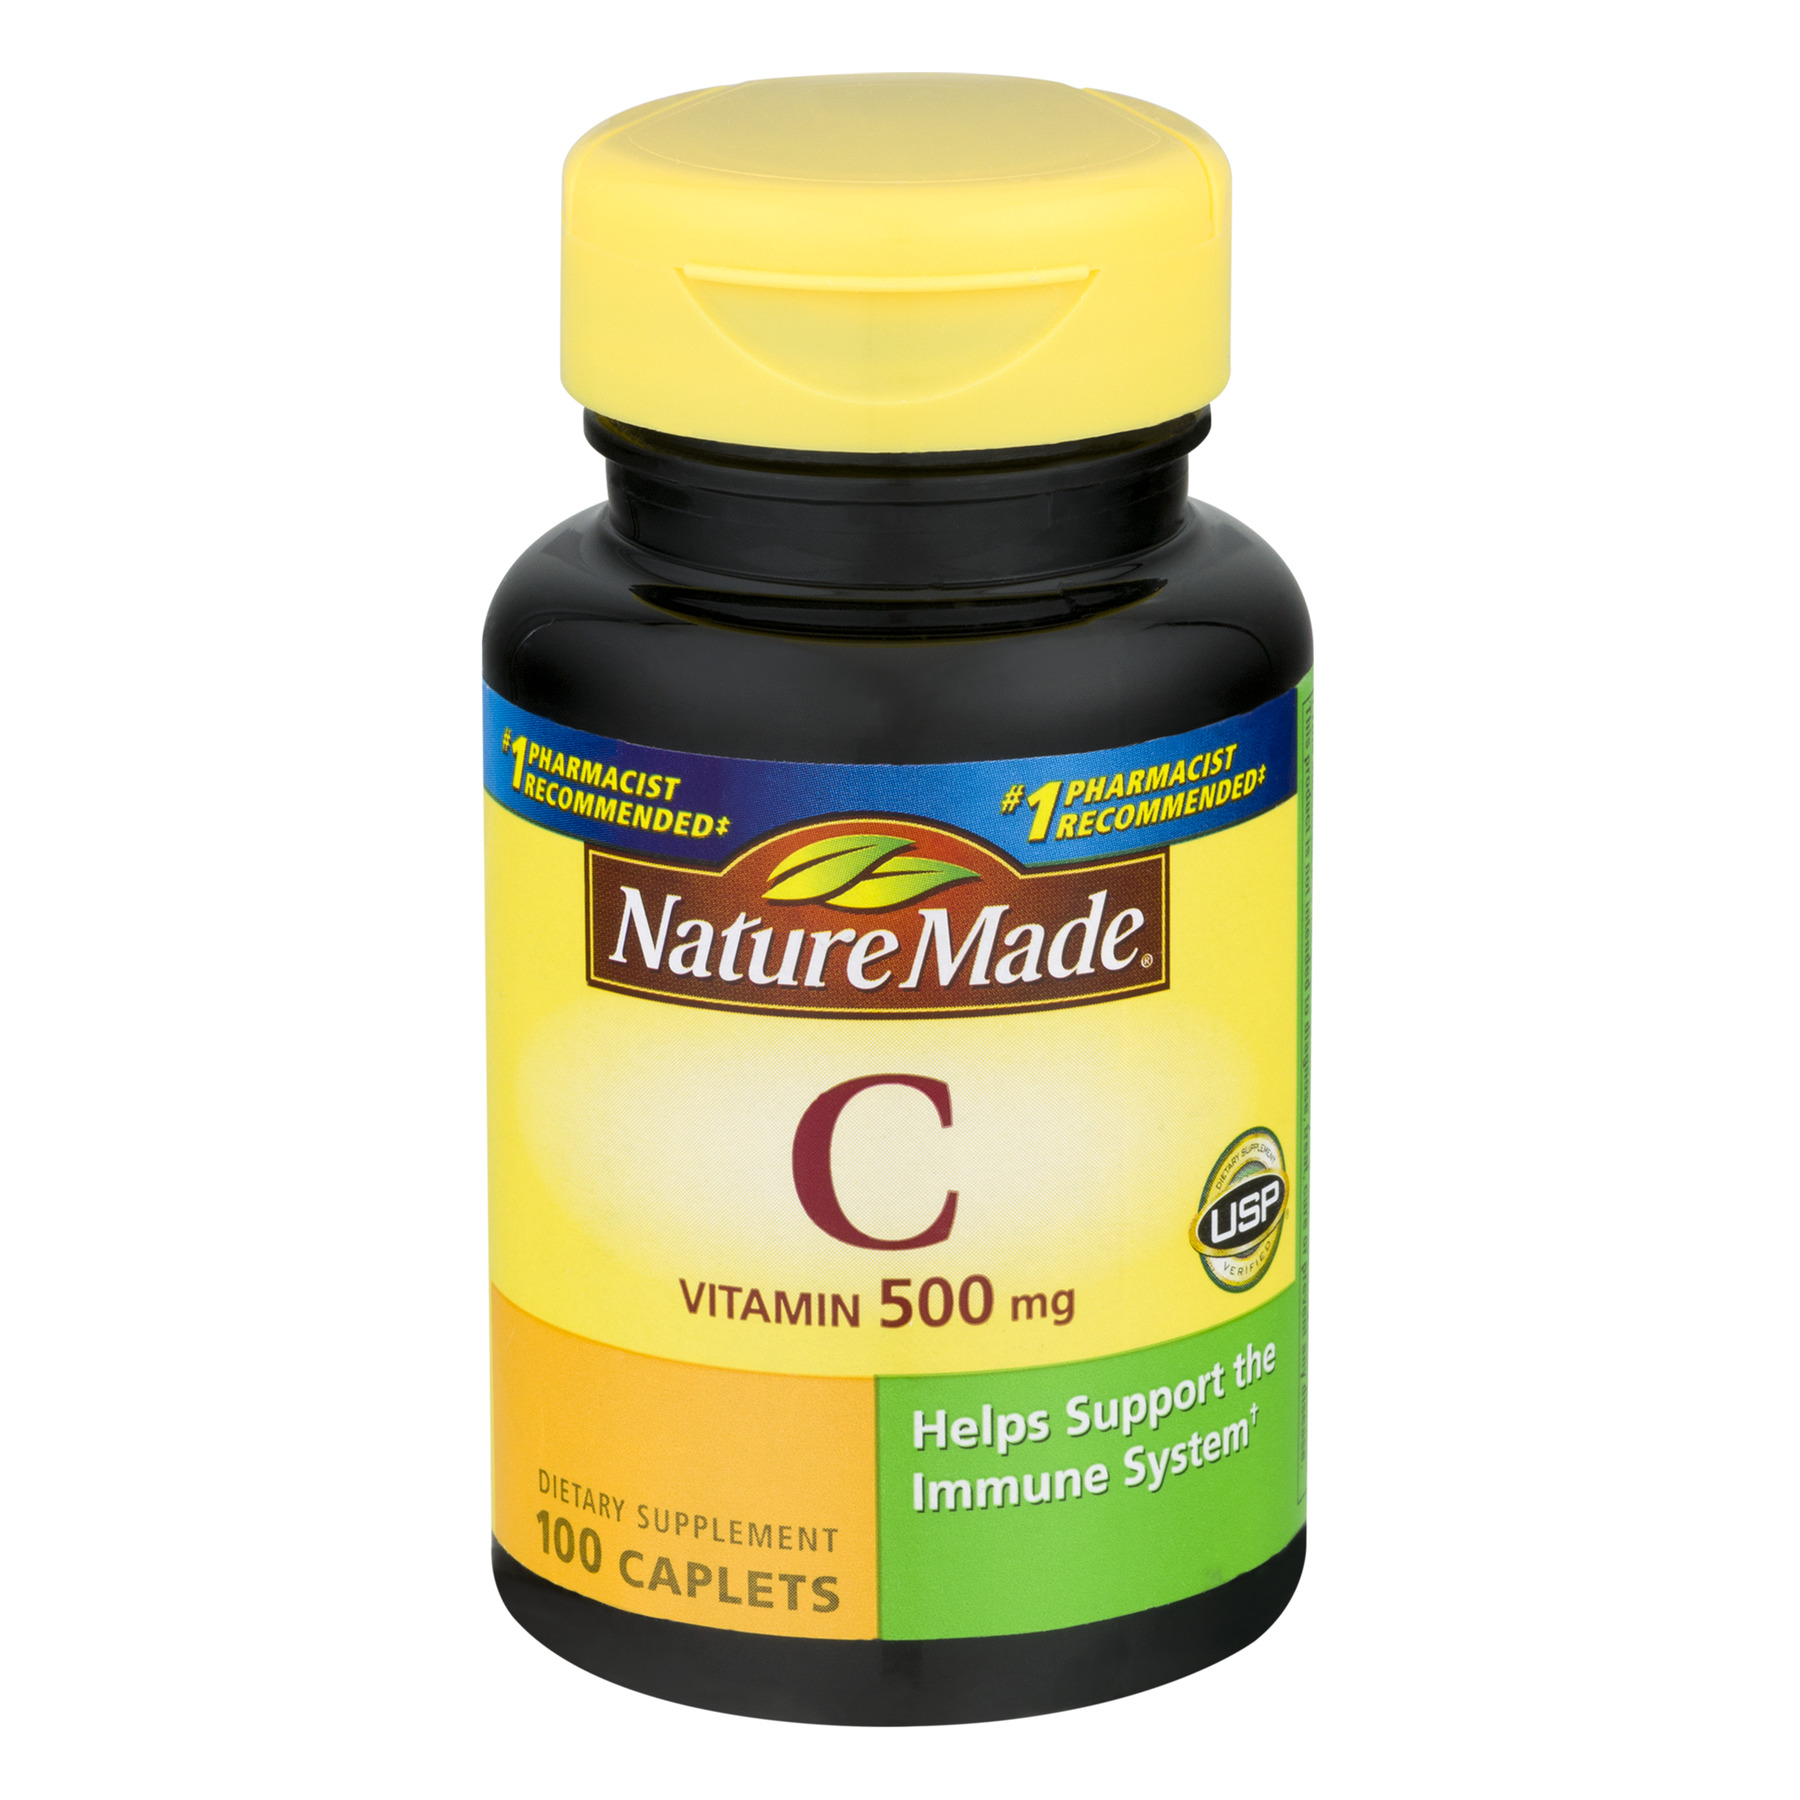 Nature Made Vitamin C - 100 CT100.0 CT